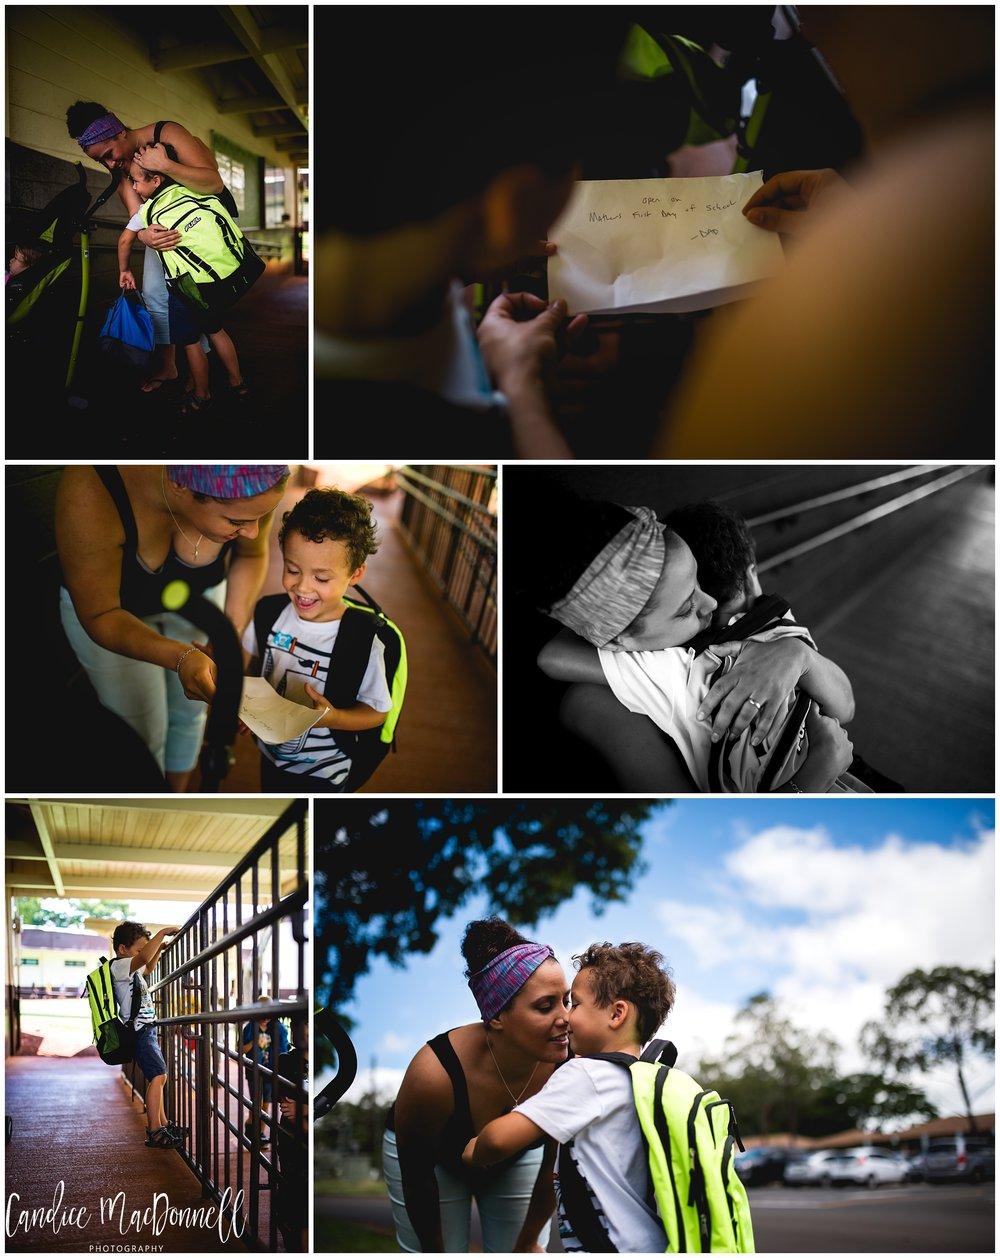 CMP_7683_www.candicemphoto.com.jpg